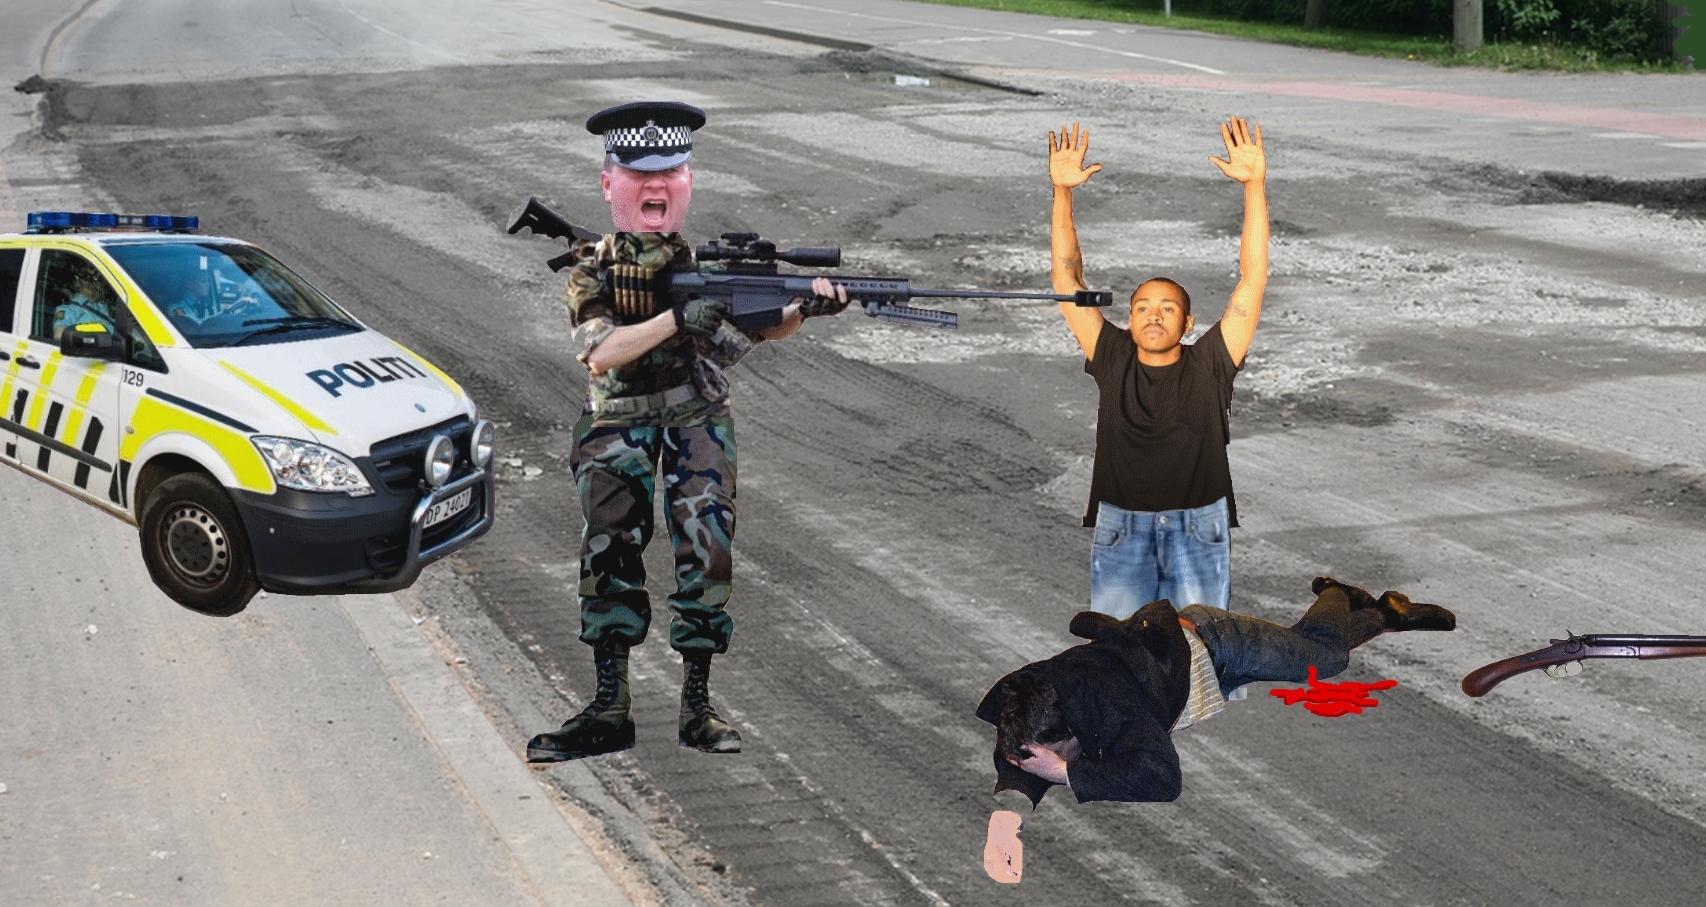 Henrettelsen5